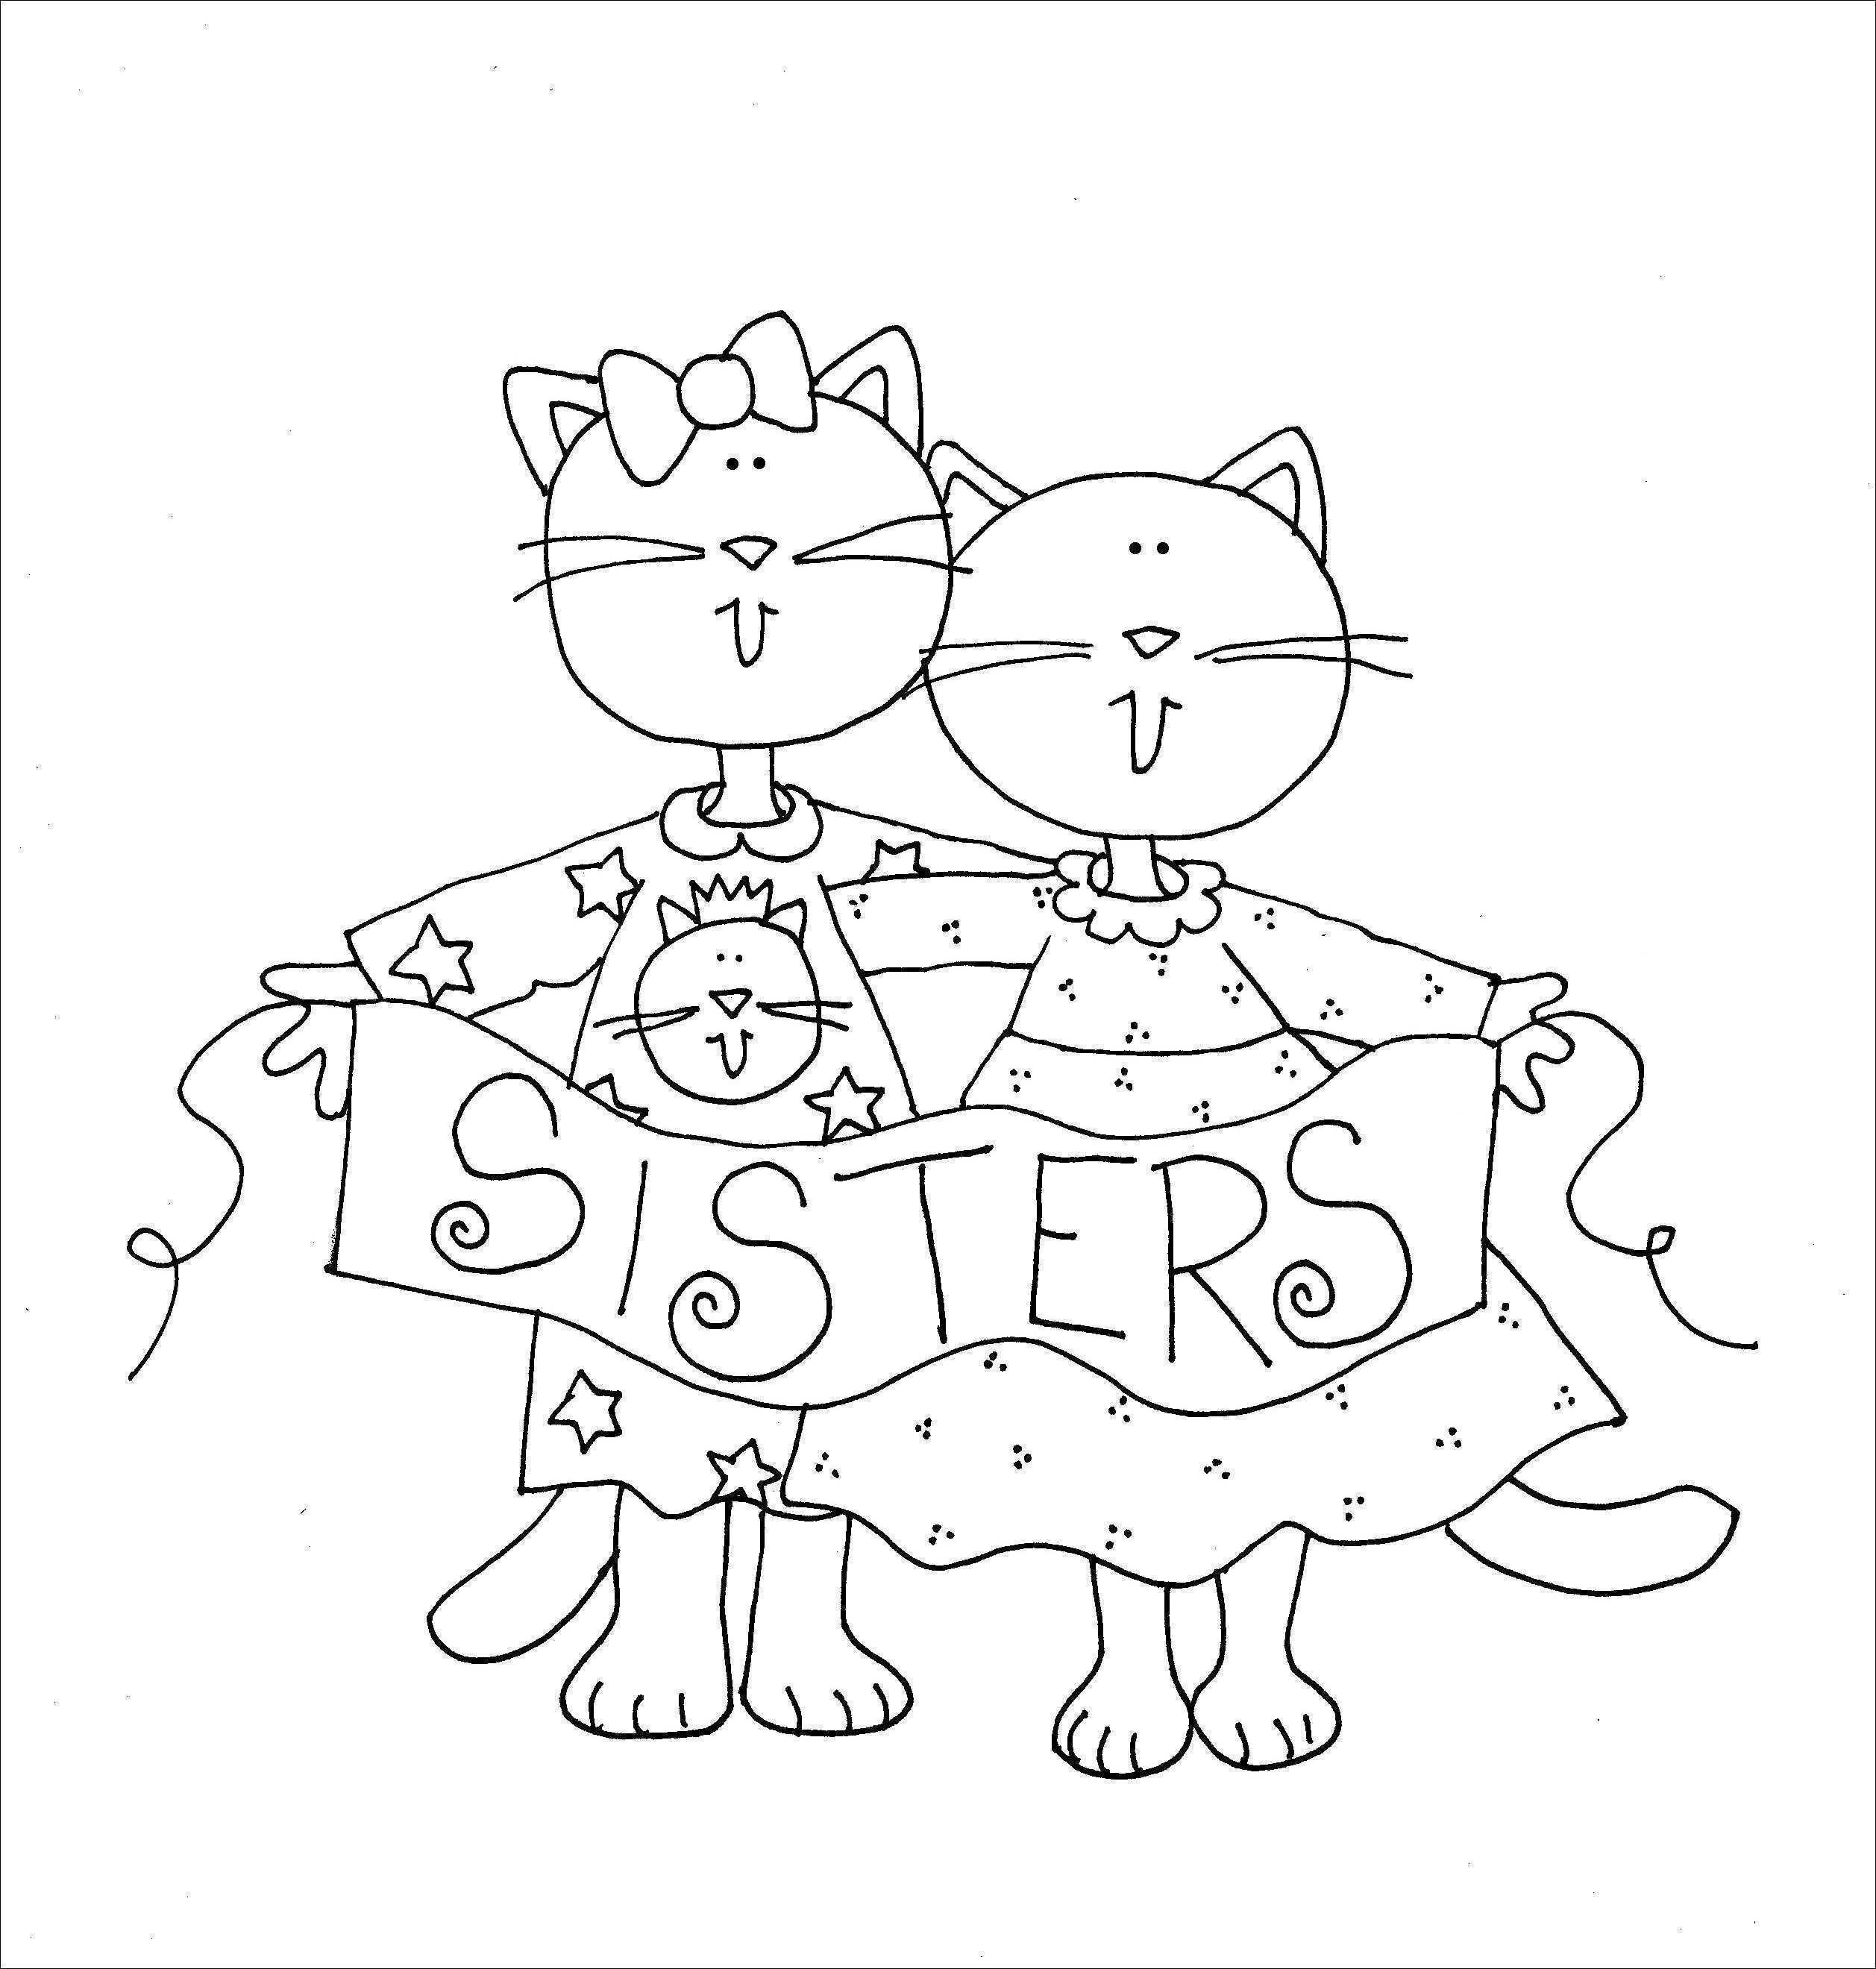 Ausmalbilder Katzen Und Hunde Das Beste Von Ausmalbilder Katzen Zum Ausdrucken Malvorlagen Igel Best Igel Fotos